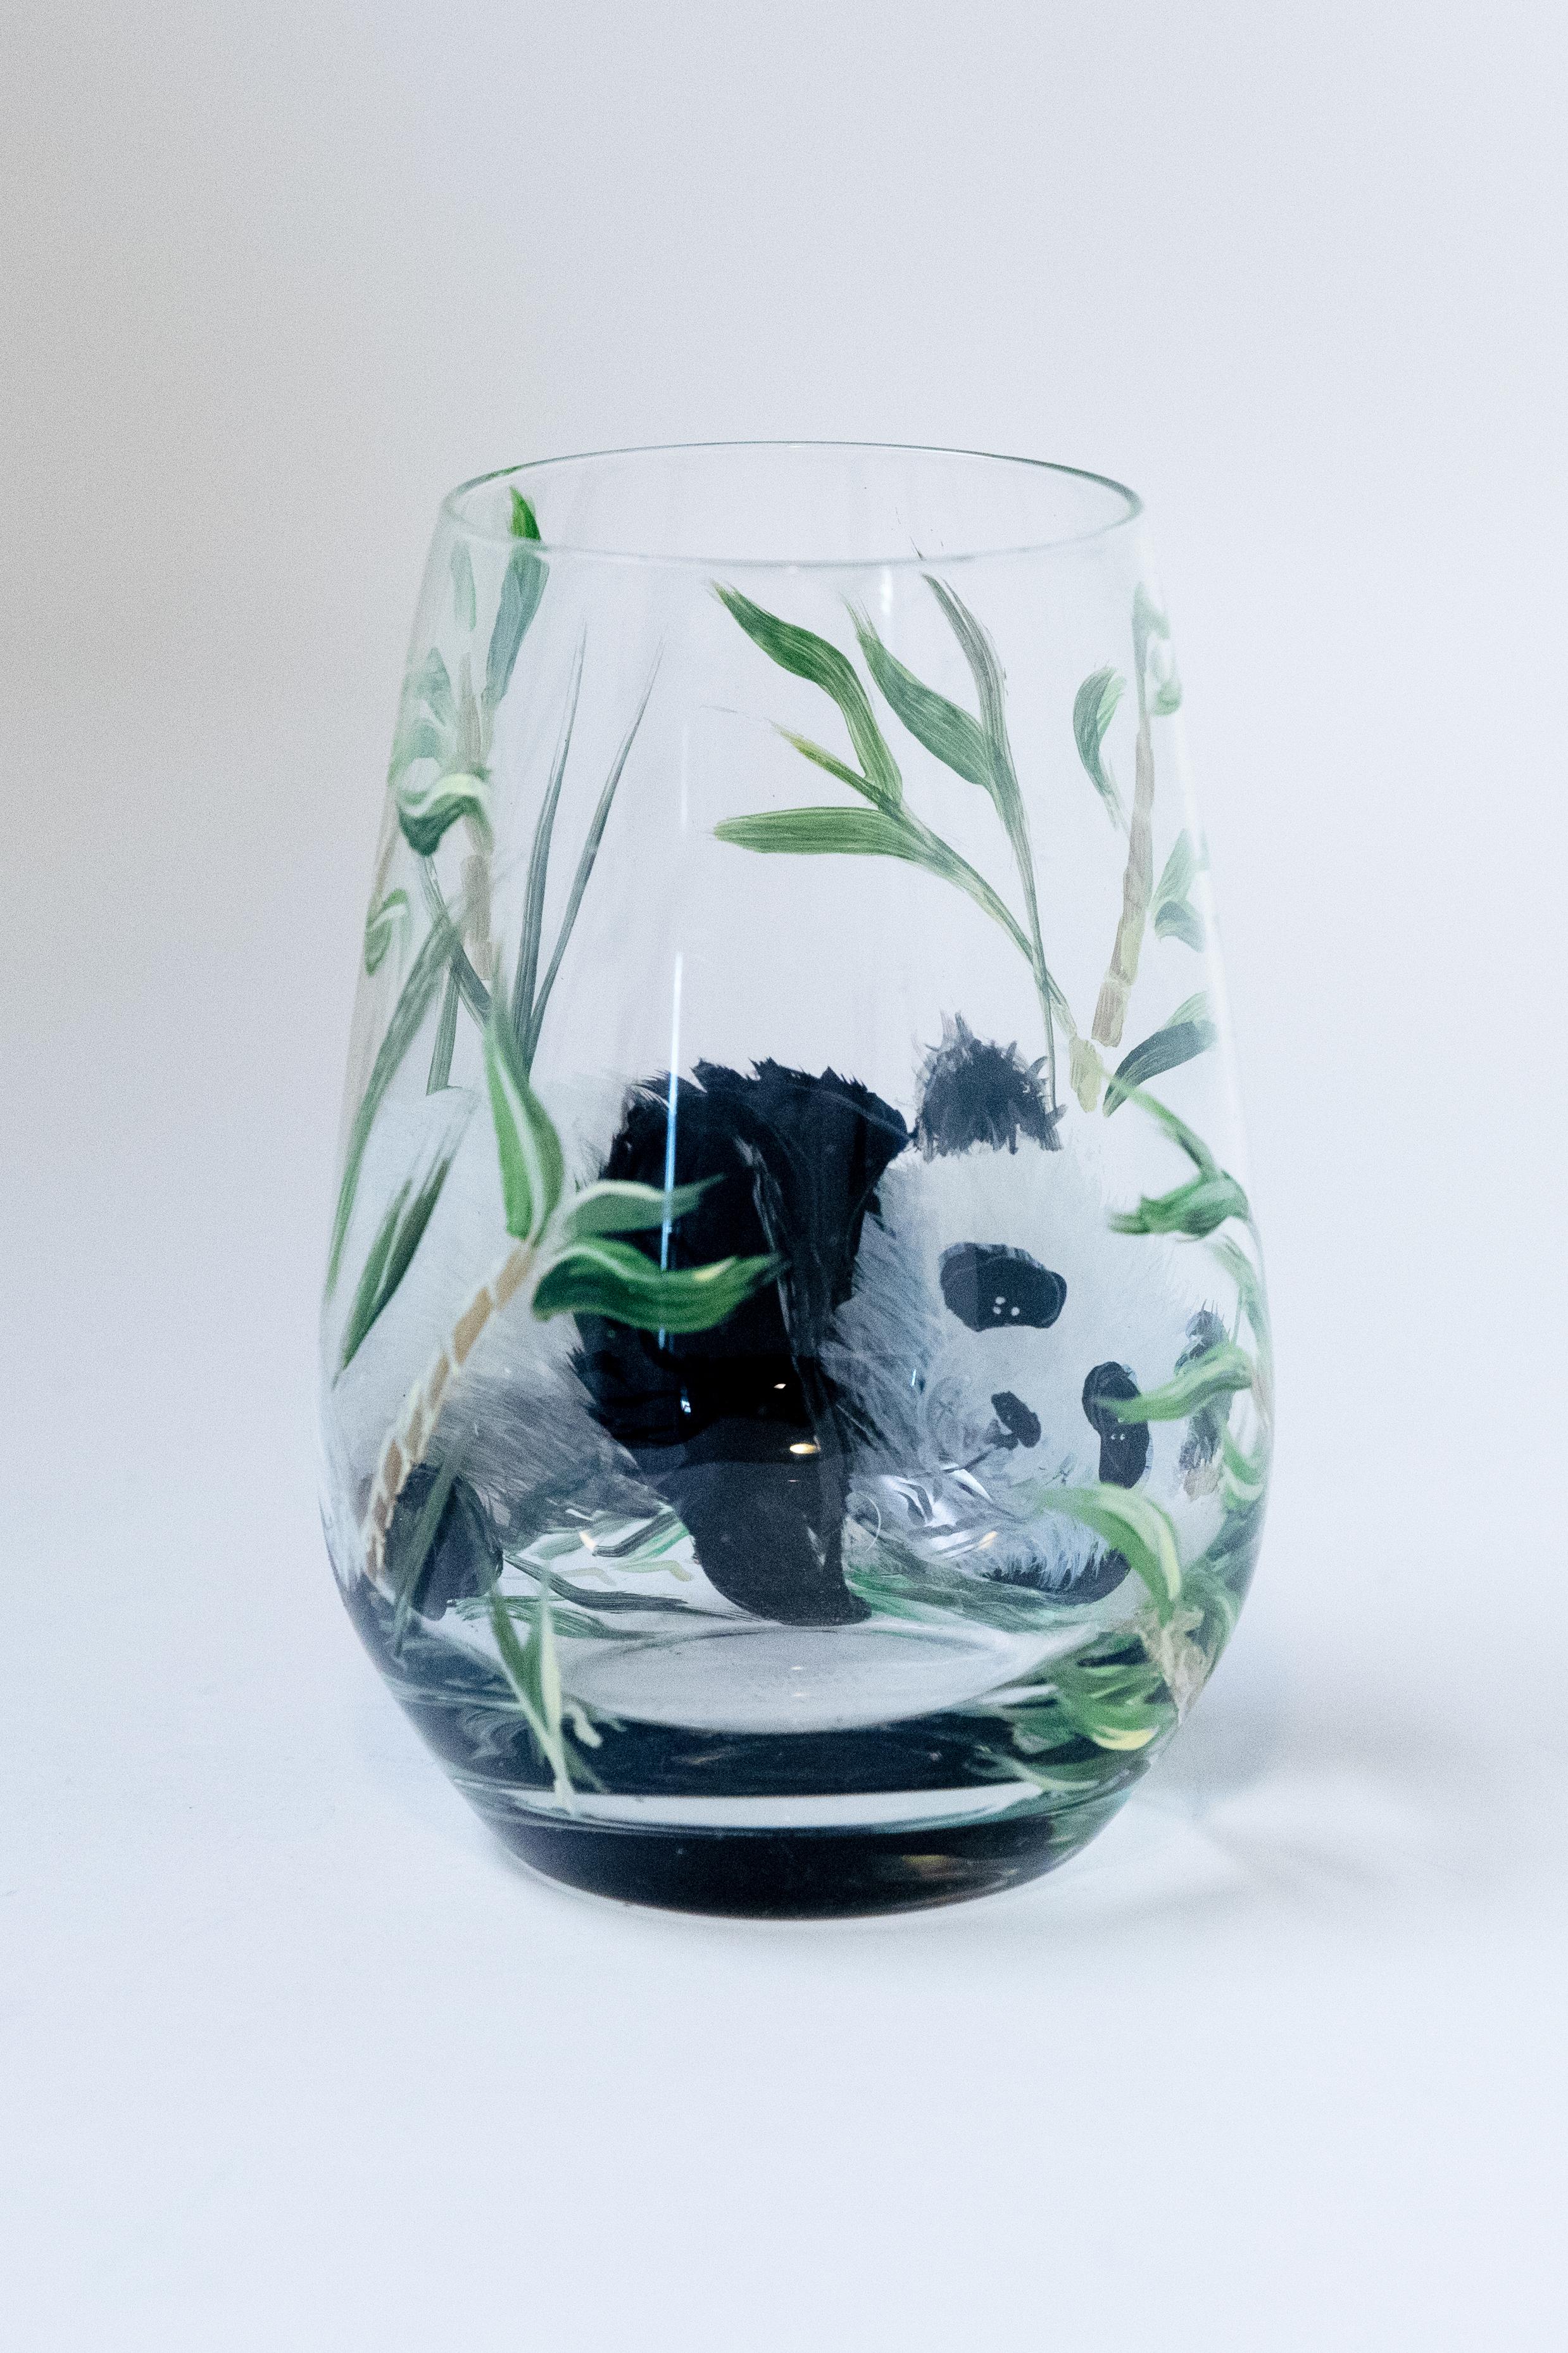 Panda 1a 1319